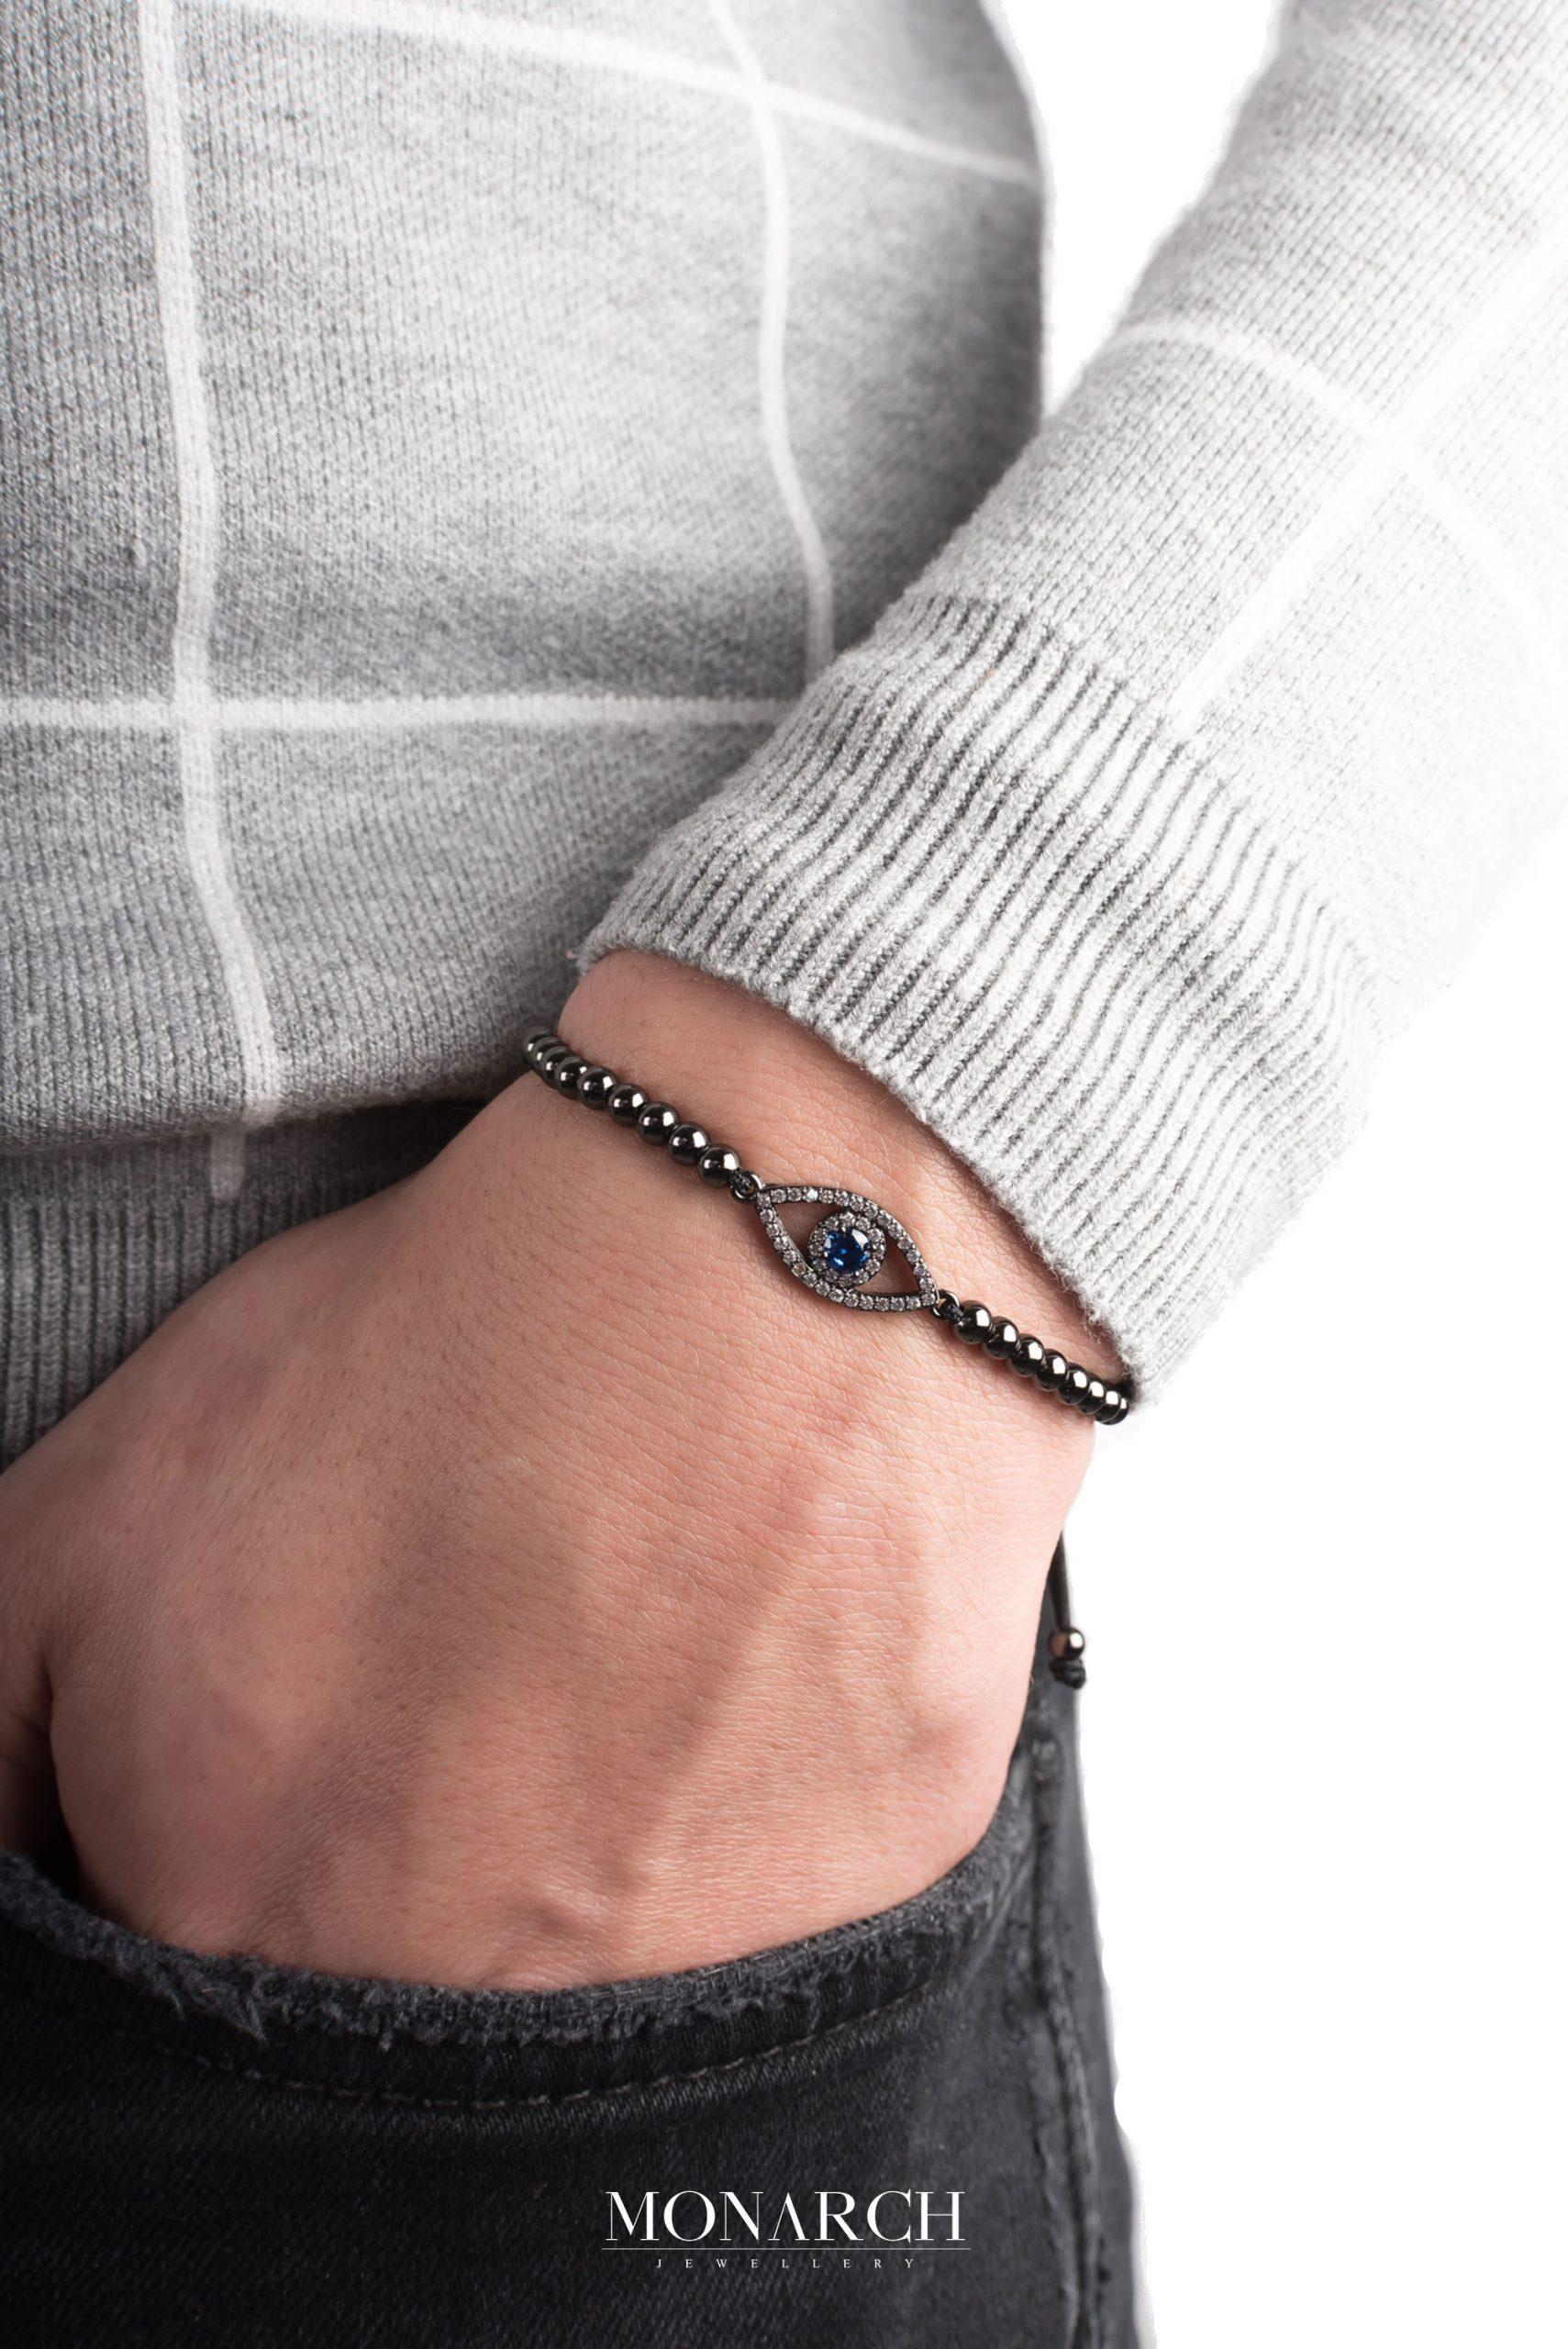 black luxury bracelet for man, monarch jewellery MA63BFTE